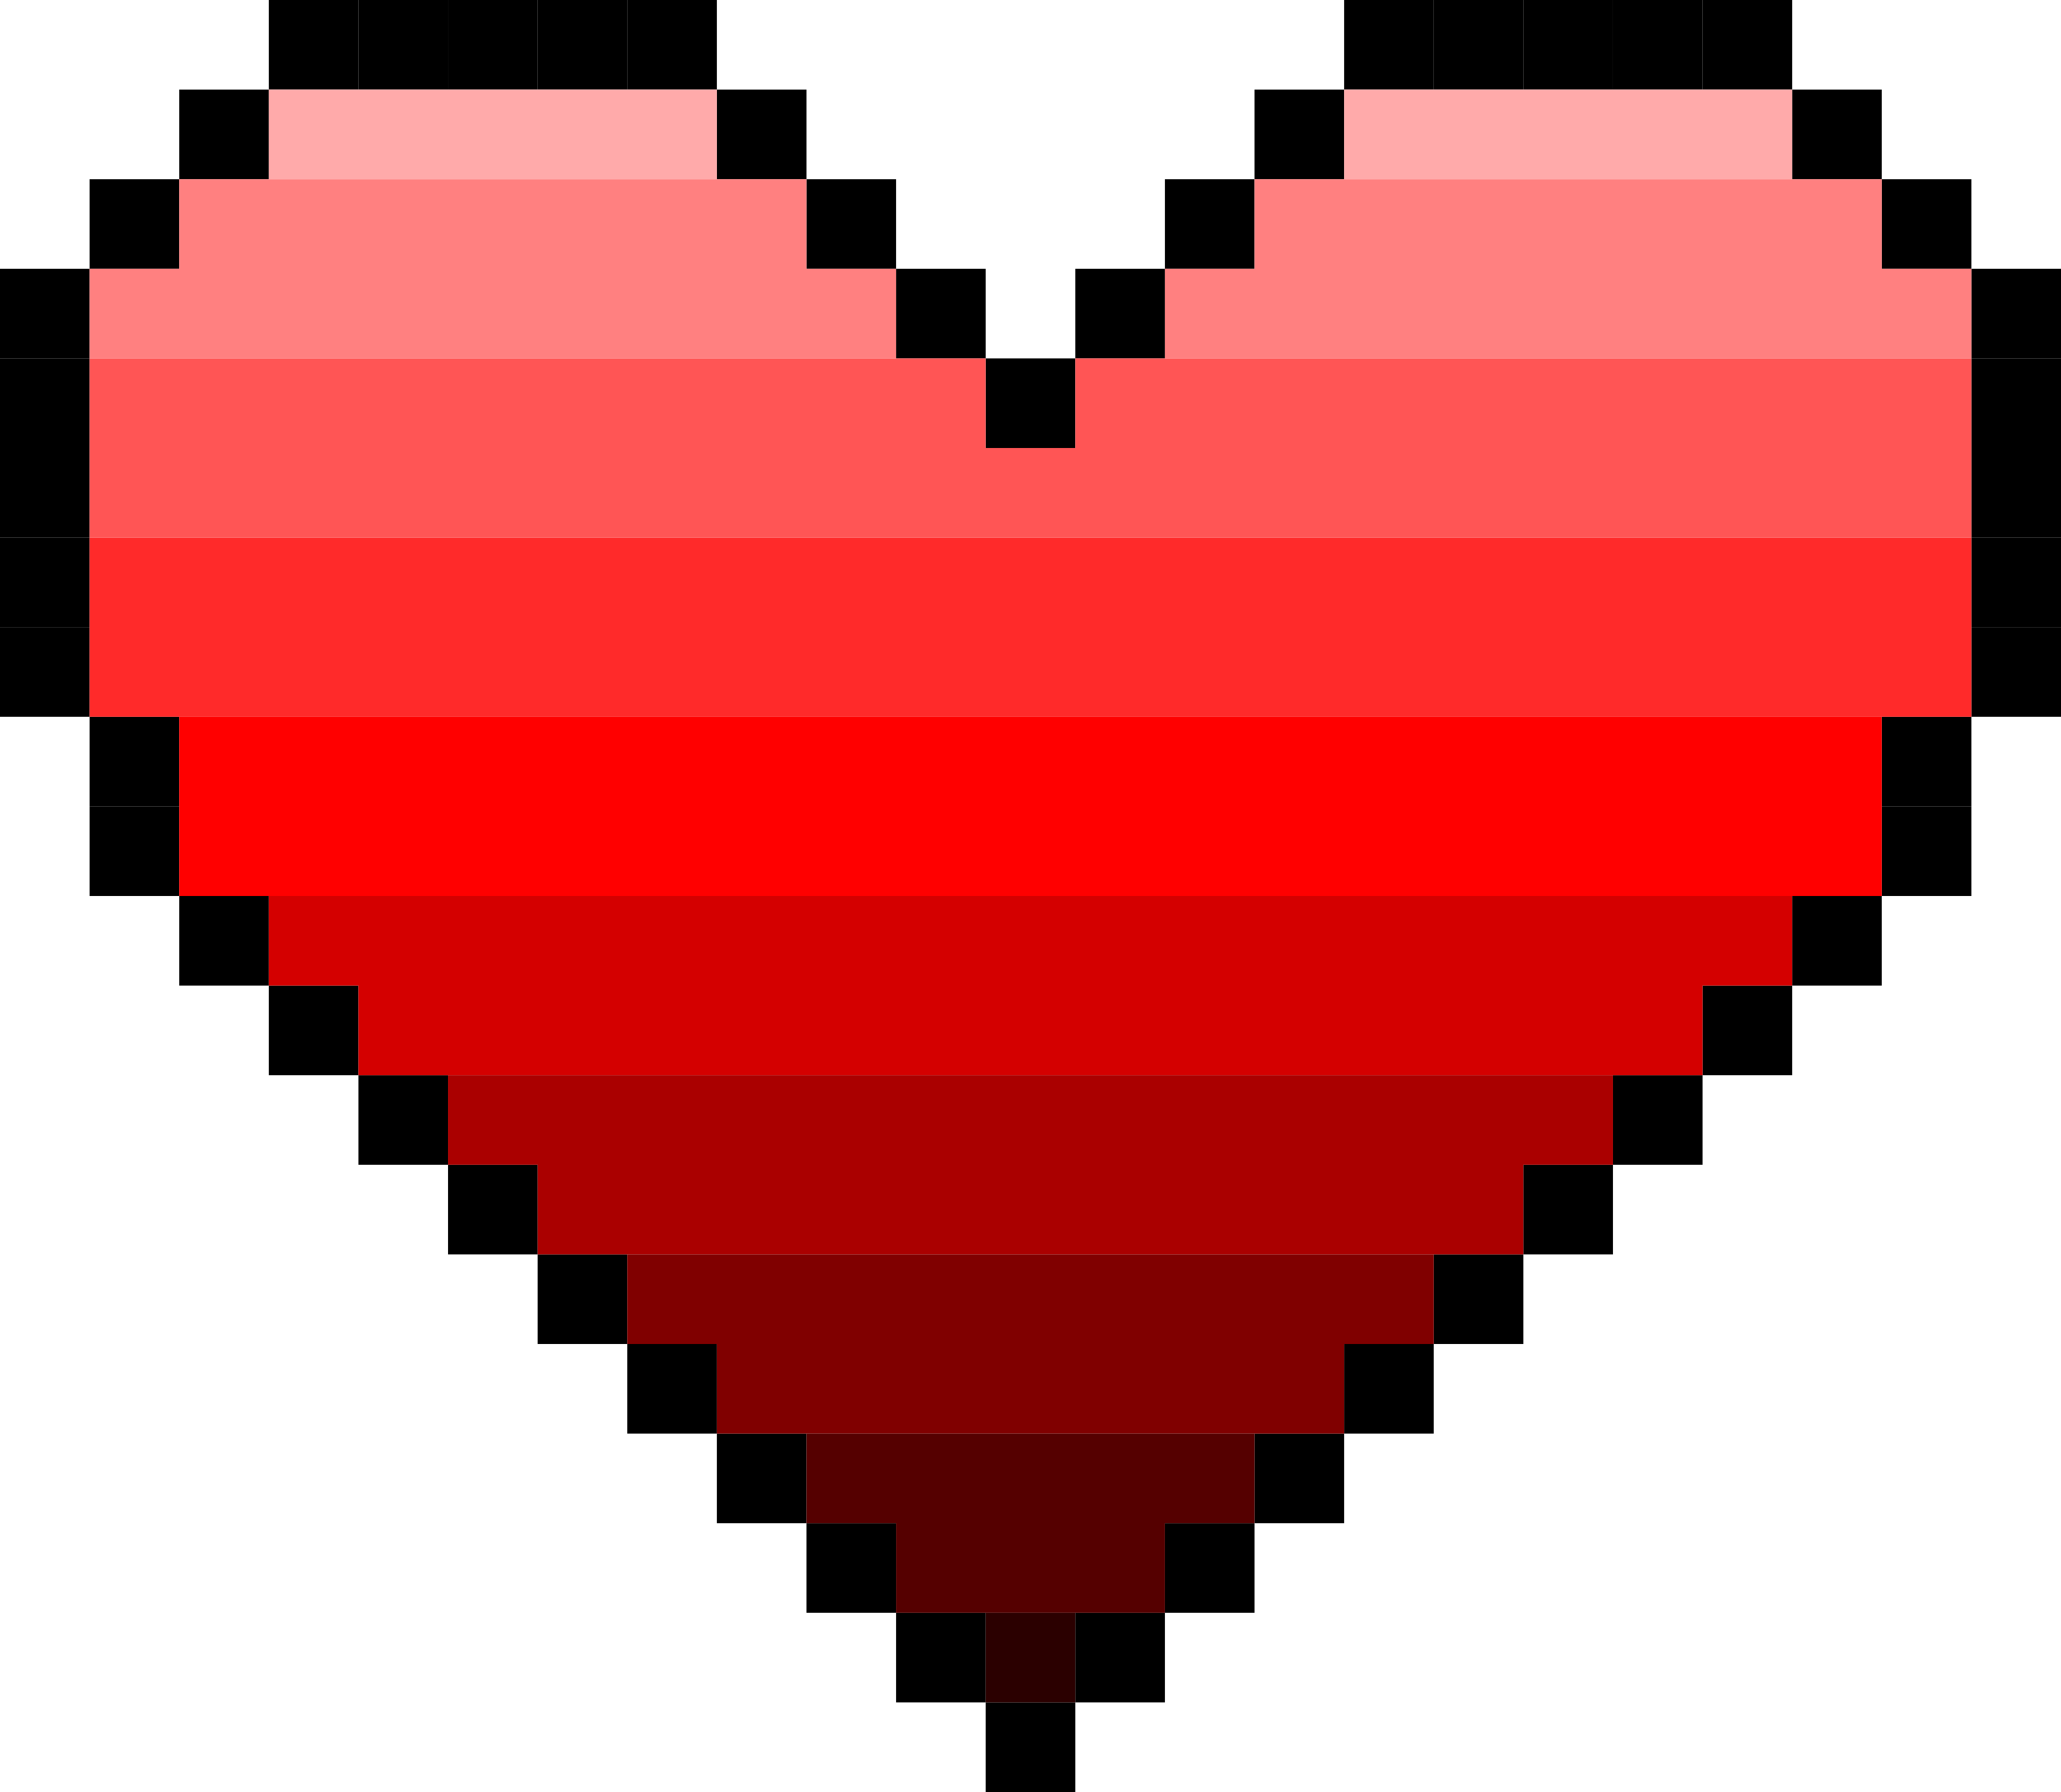 6 Pixel Heart (PNG Transparent).